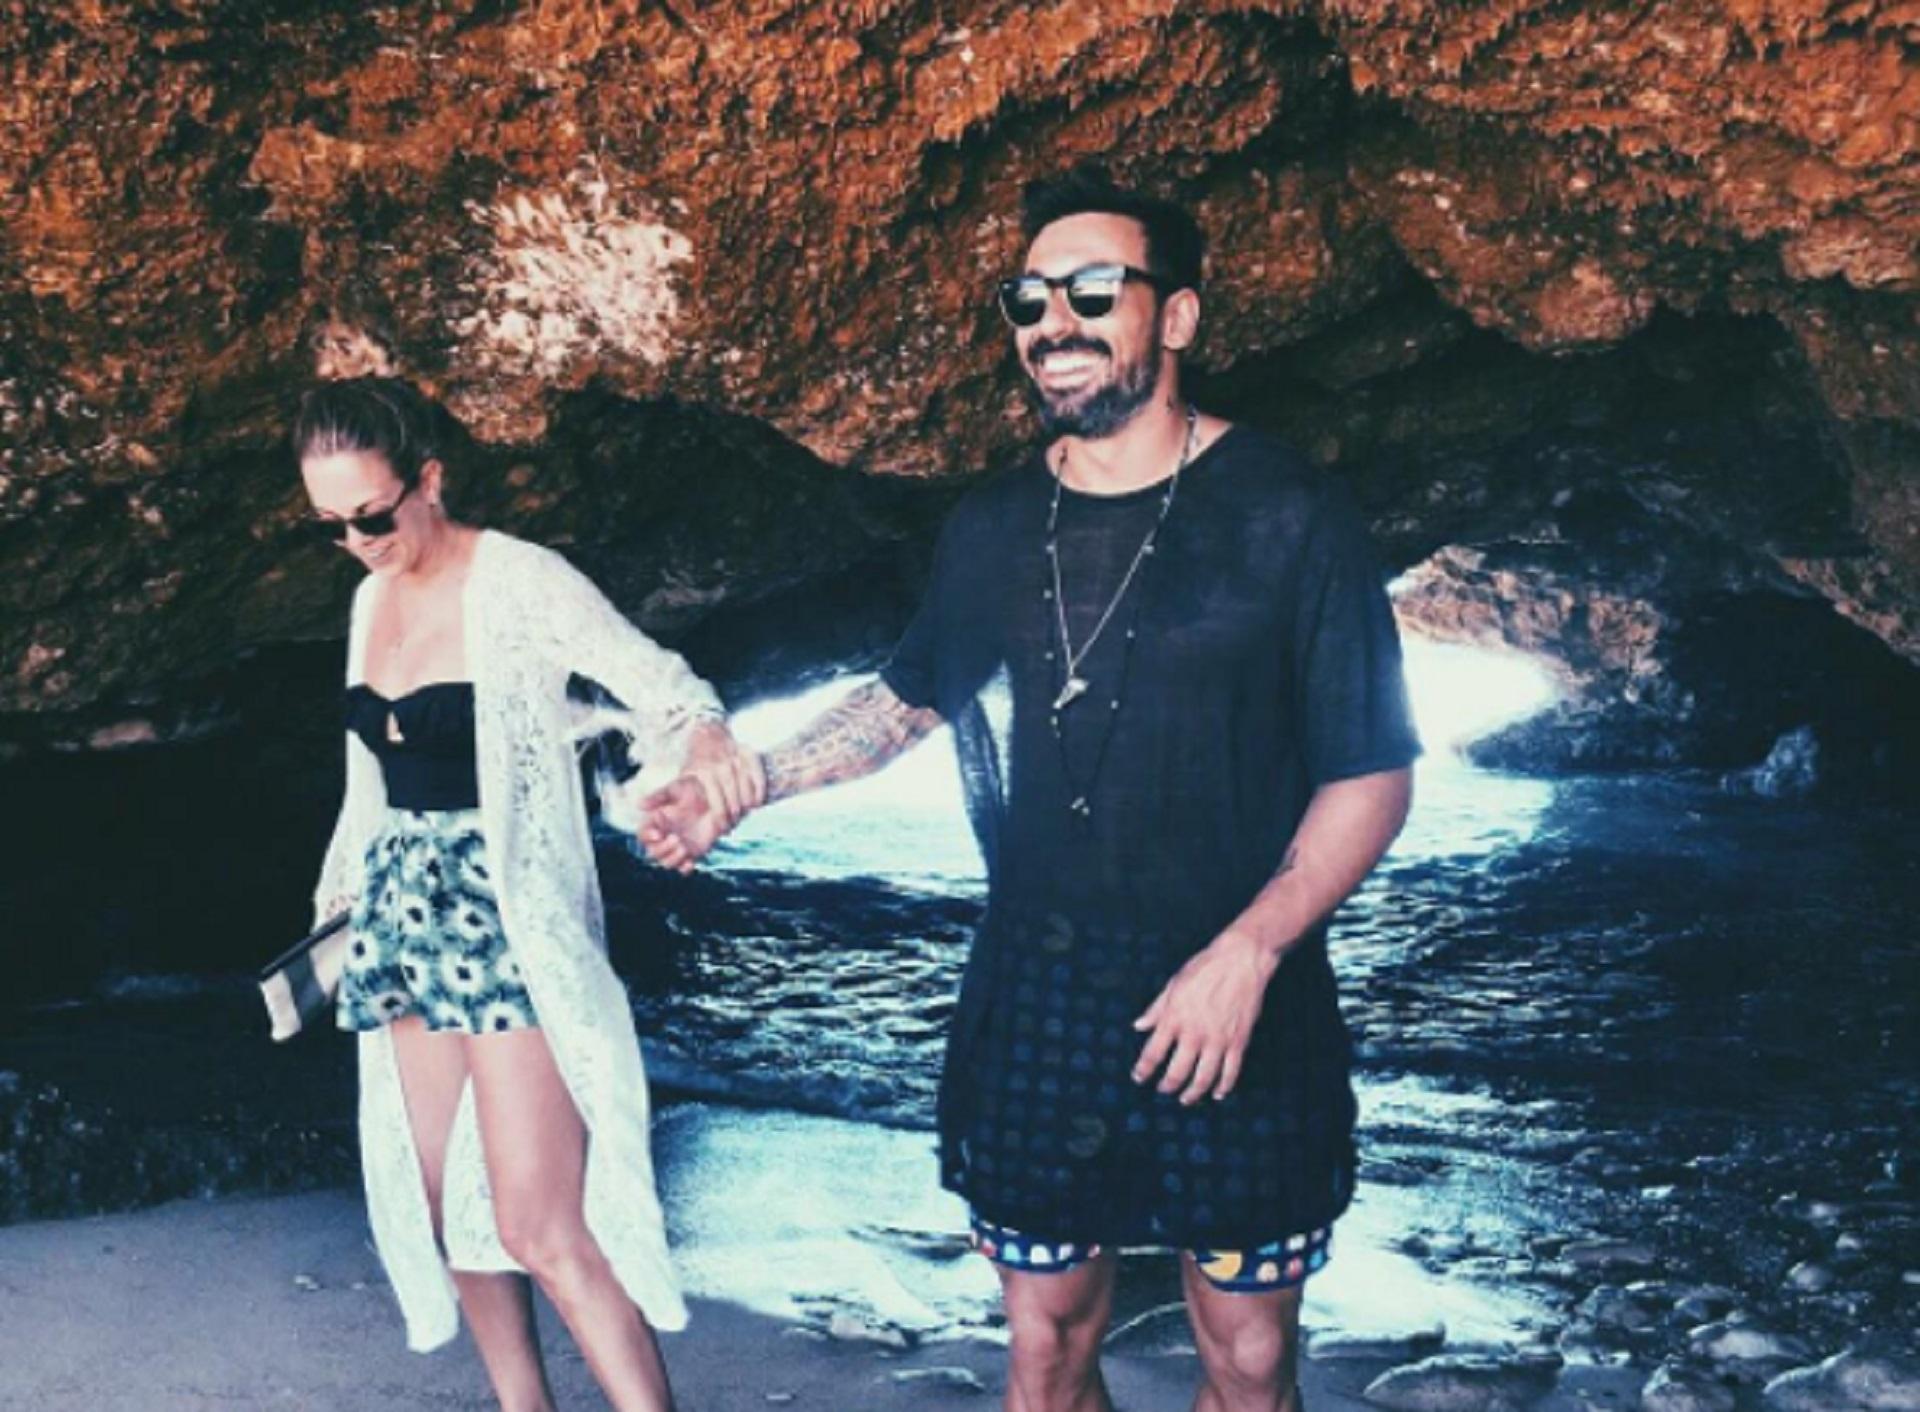 Viajan y se muestran enamorados en las redes sociales